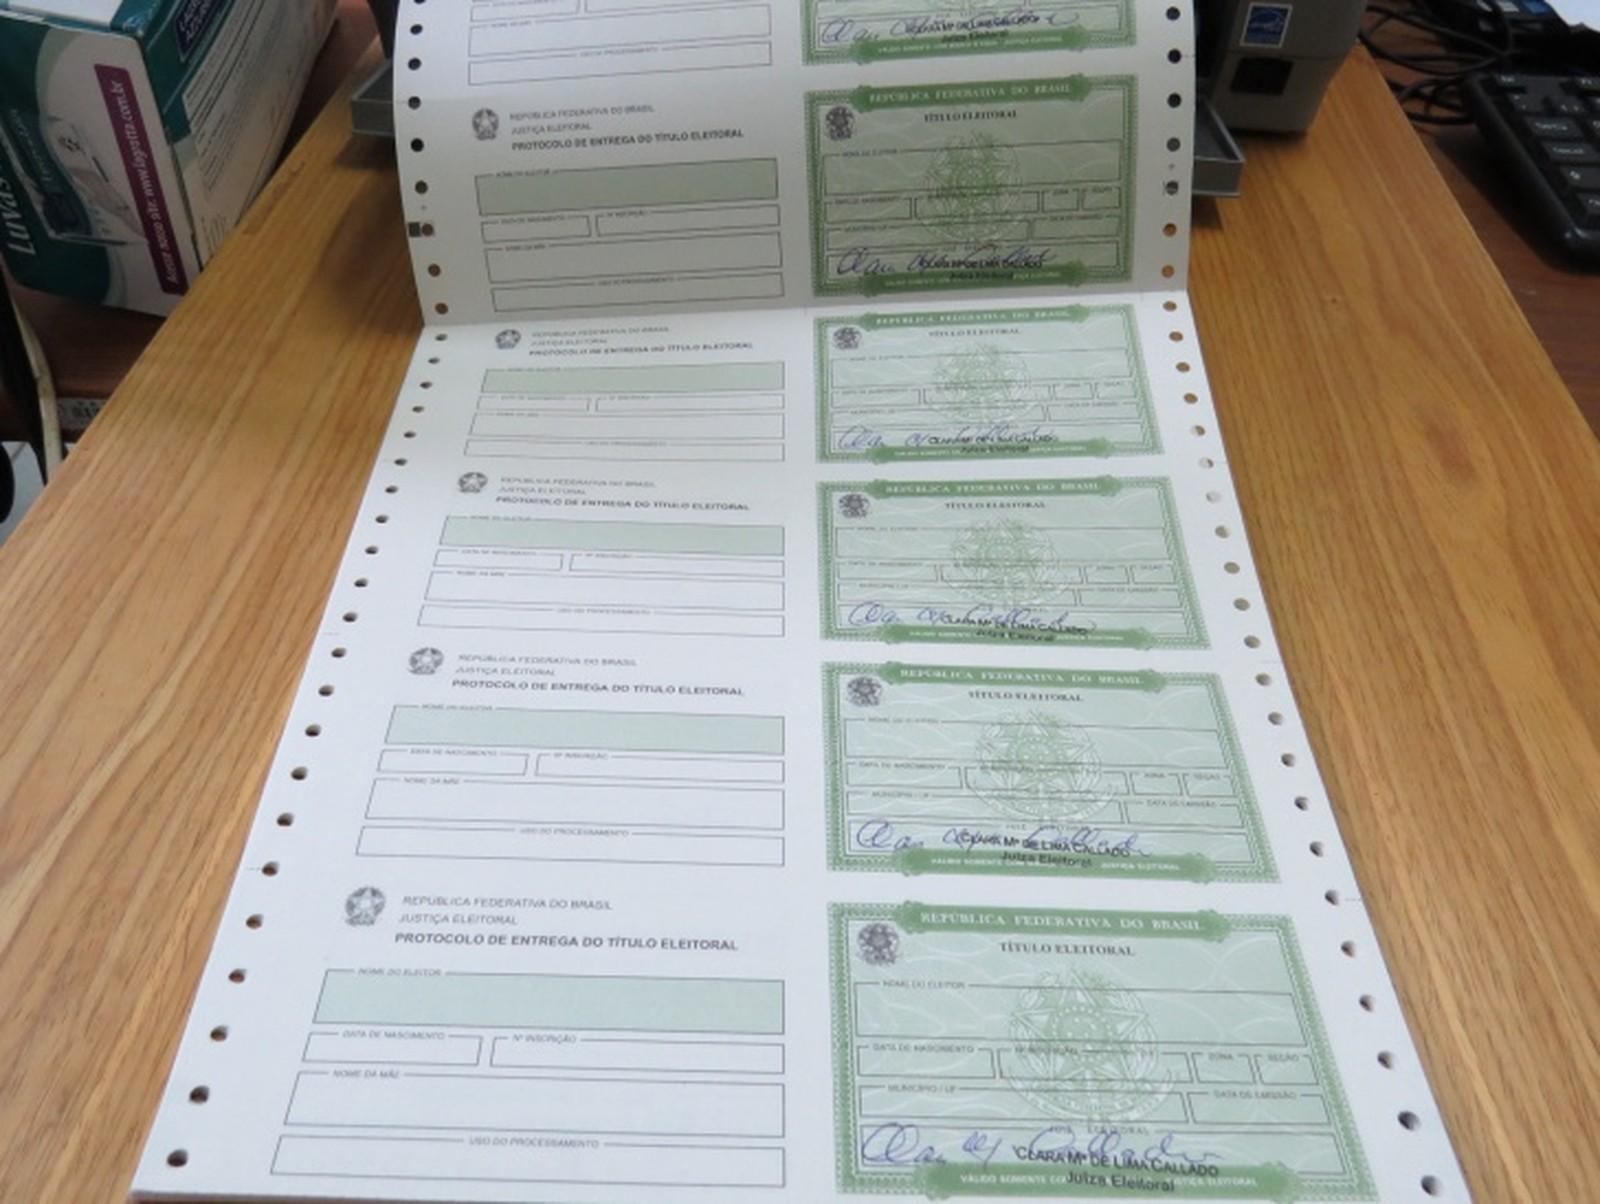 Eleitores do Tocantins devem ficar atentos ao prazo para regularizar o título eleitoral